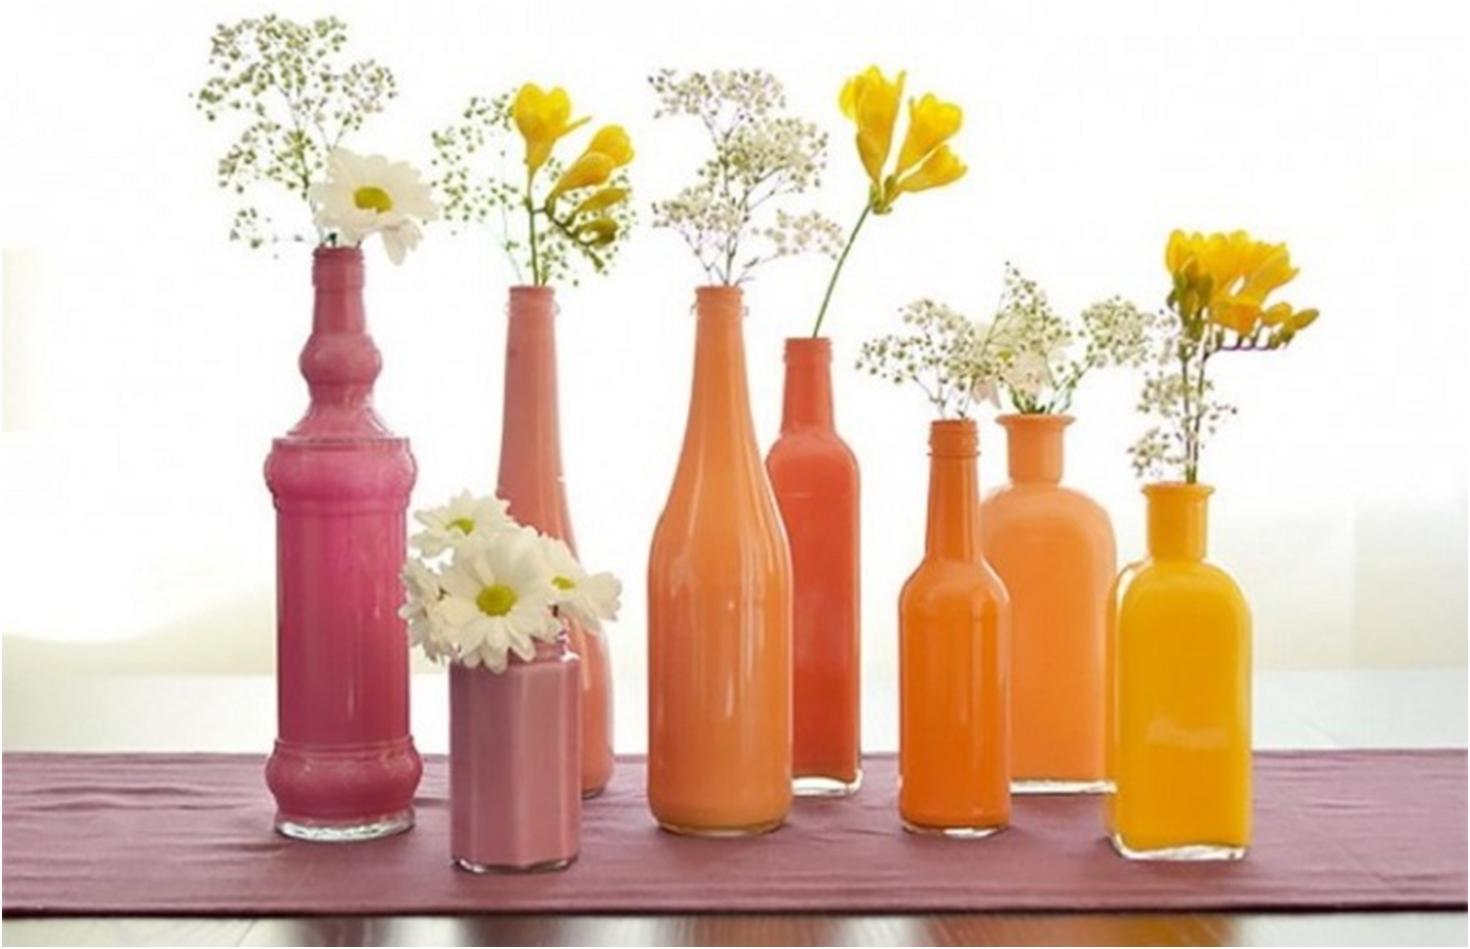 Оригинальные вазы своими руками из стеклянных бутылок